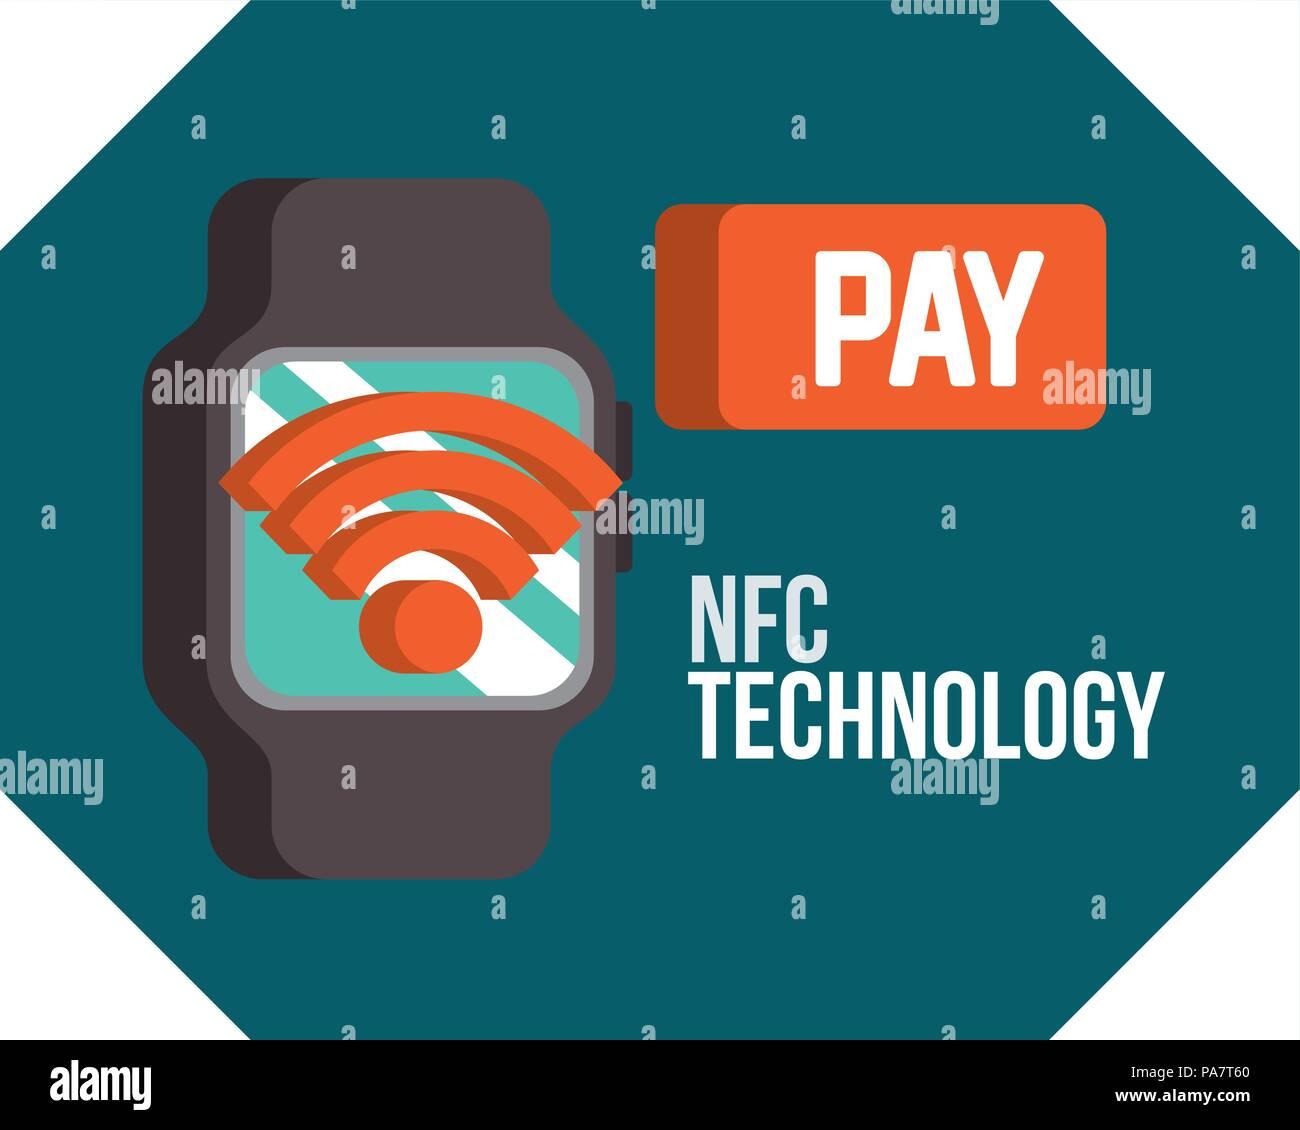 9601a82d7341 Tecnología de pago NFC reloj de pulsera señal wifi pagar ilustración  vectorial